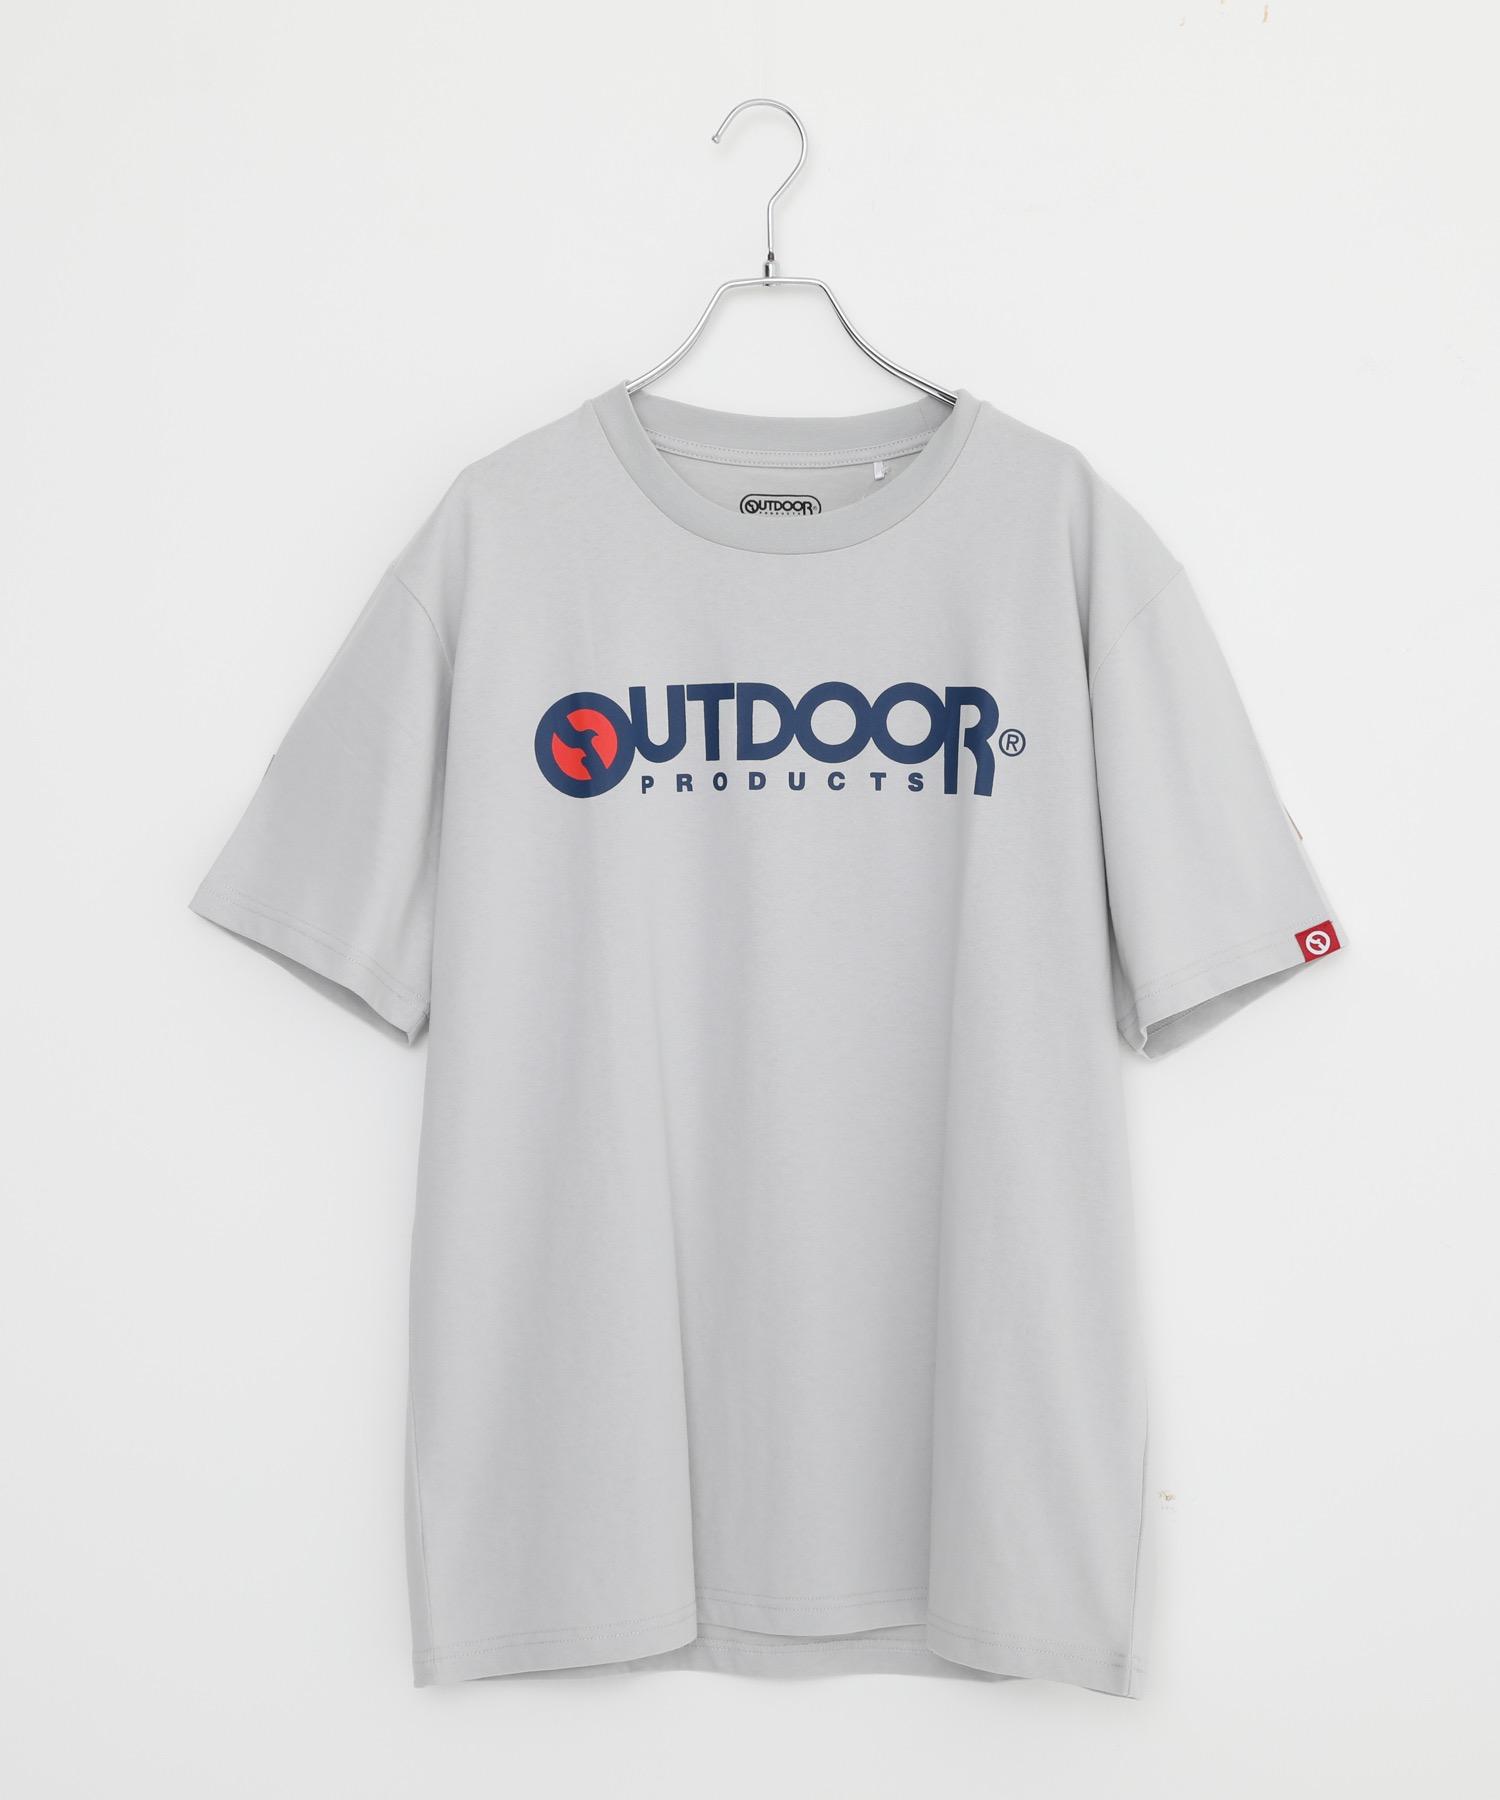 ひんやり接触冷感素材使用UVカット機能付きロゴプリントTシャツ